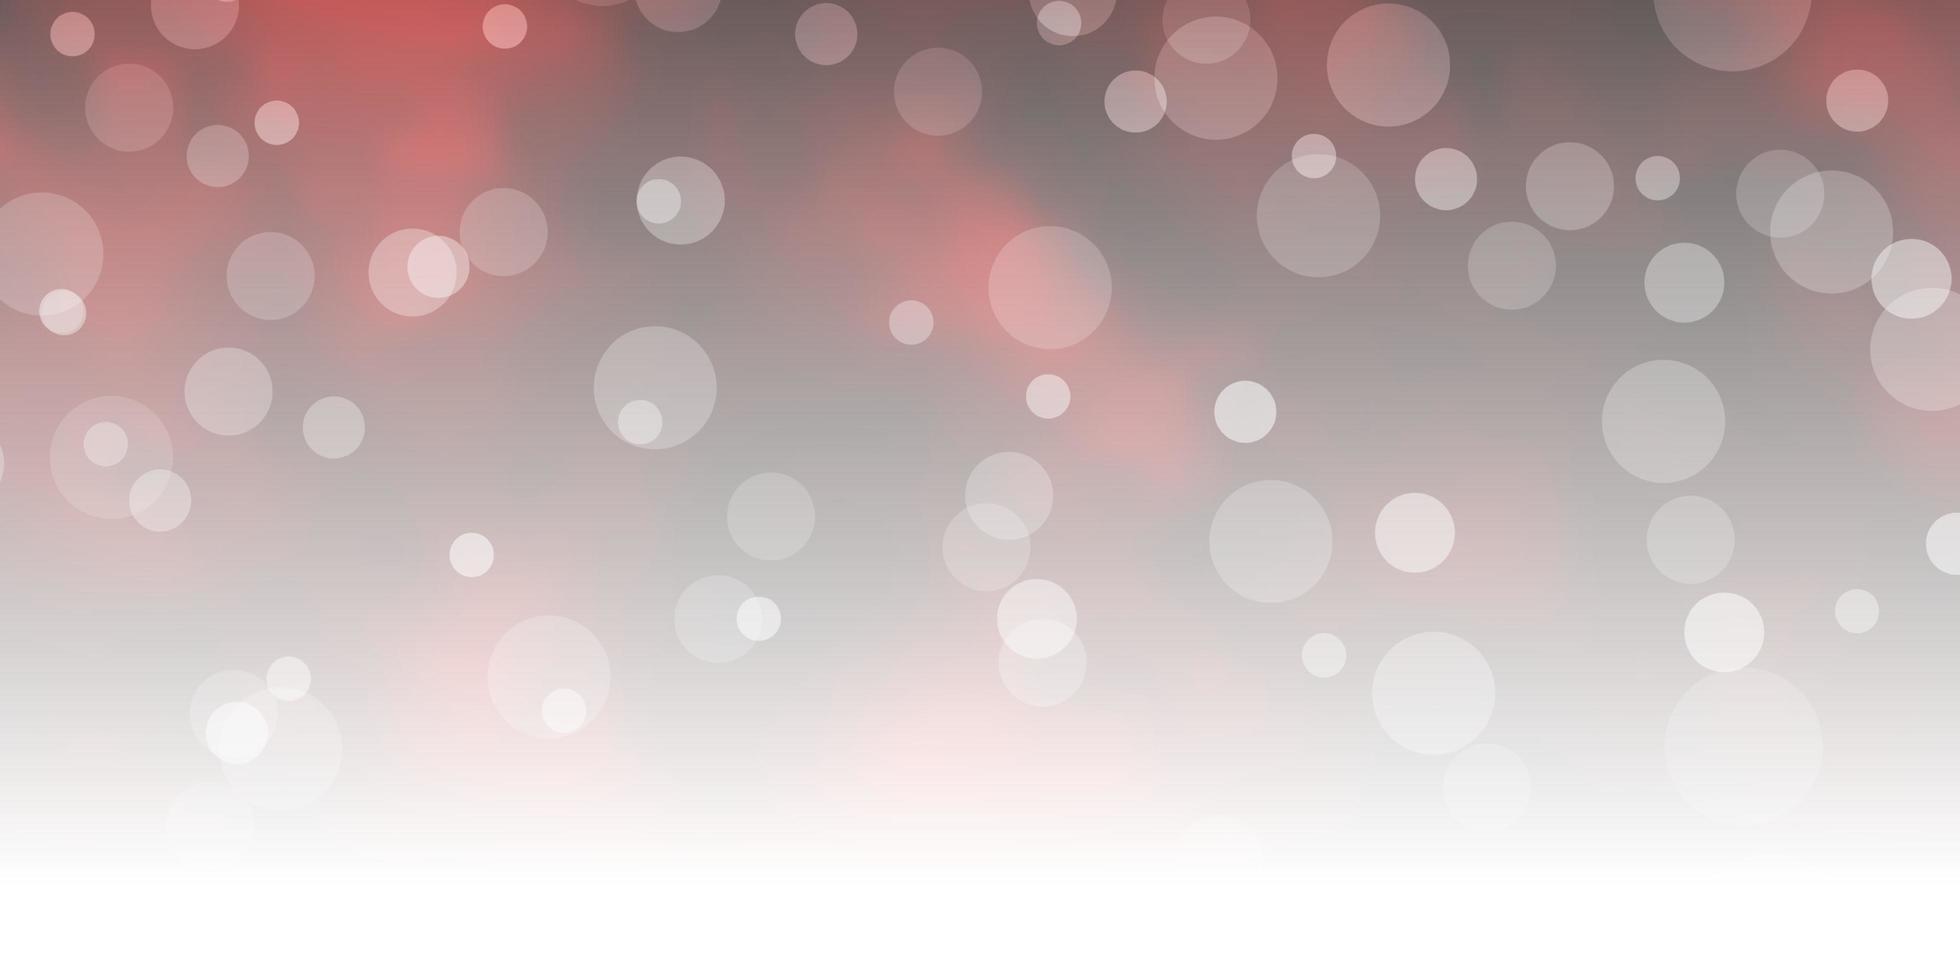 Telón de fondo de vector rojo oscuro con círculos.